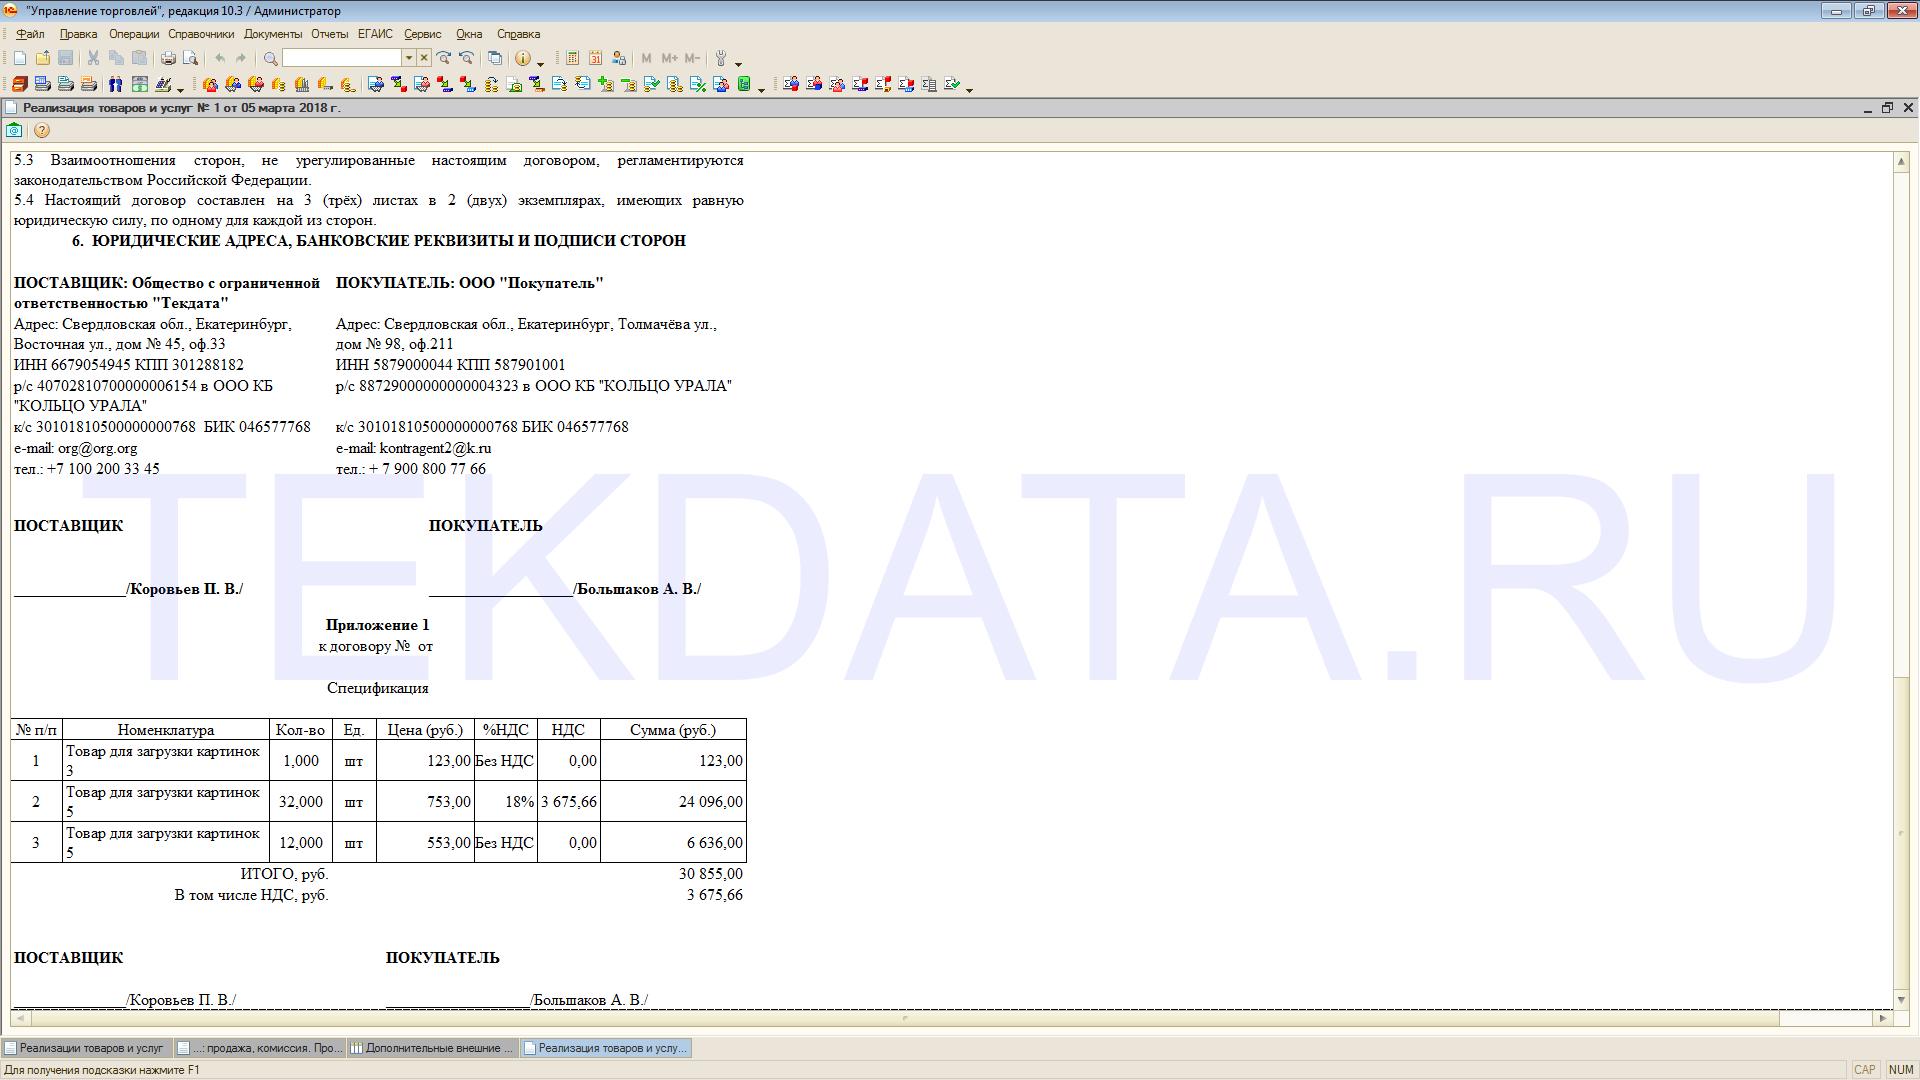 Универсальная печатная форма договора со спецификацией для 1С:УТ 10.3 (внешняя обработка *.epf) | tekdata.ru